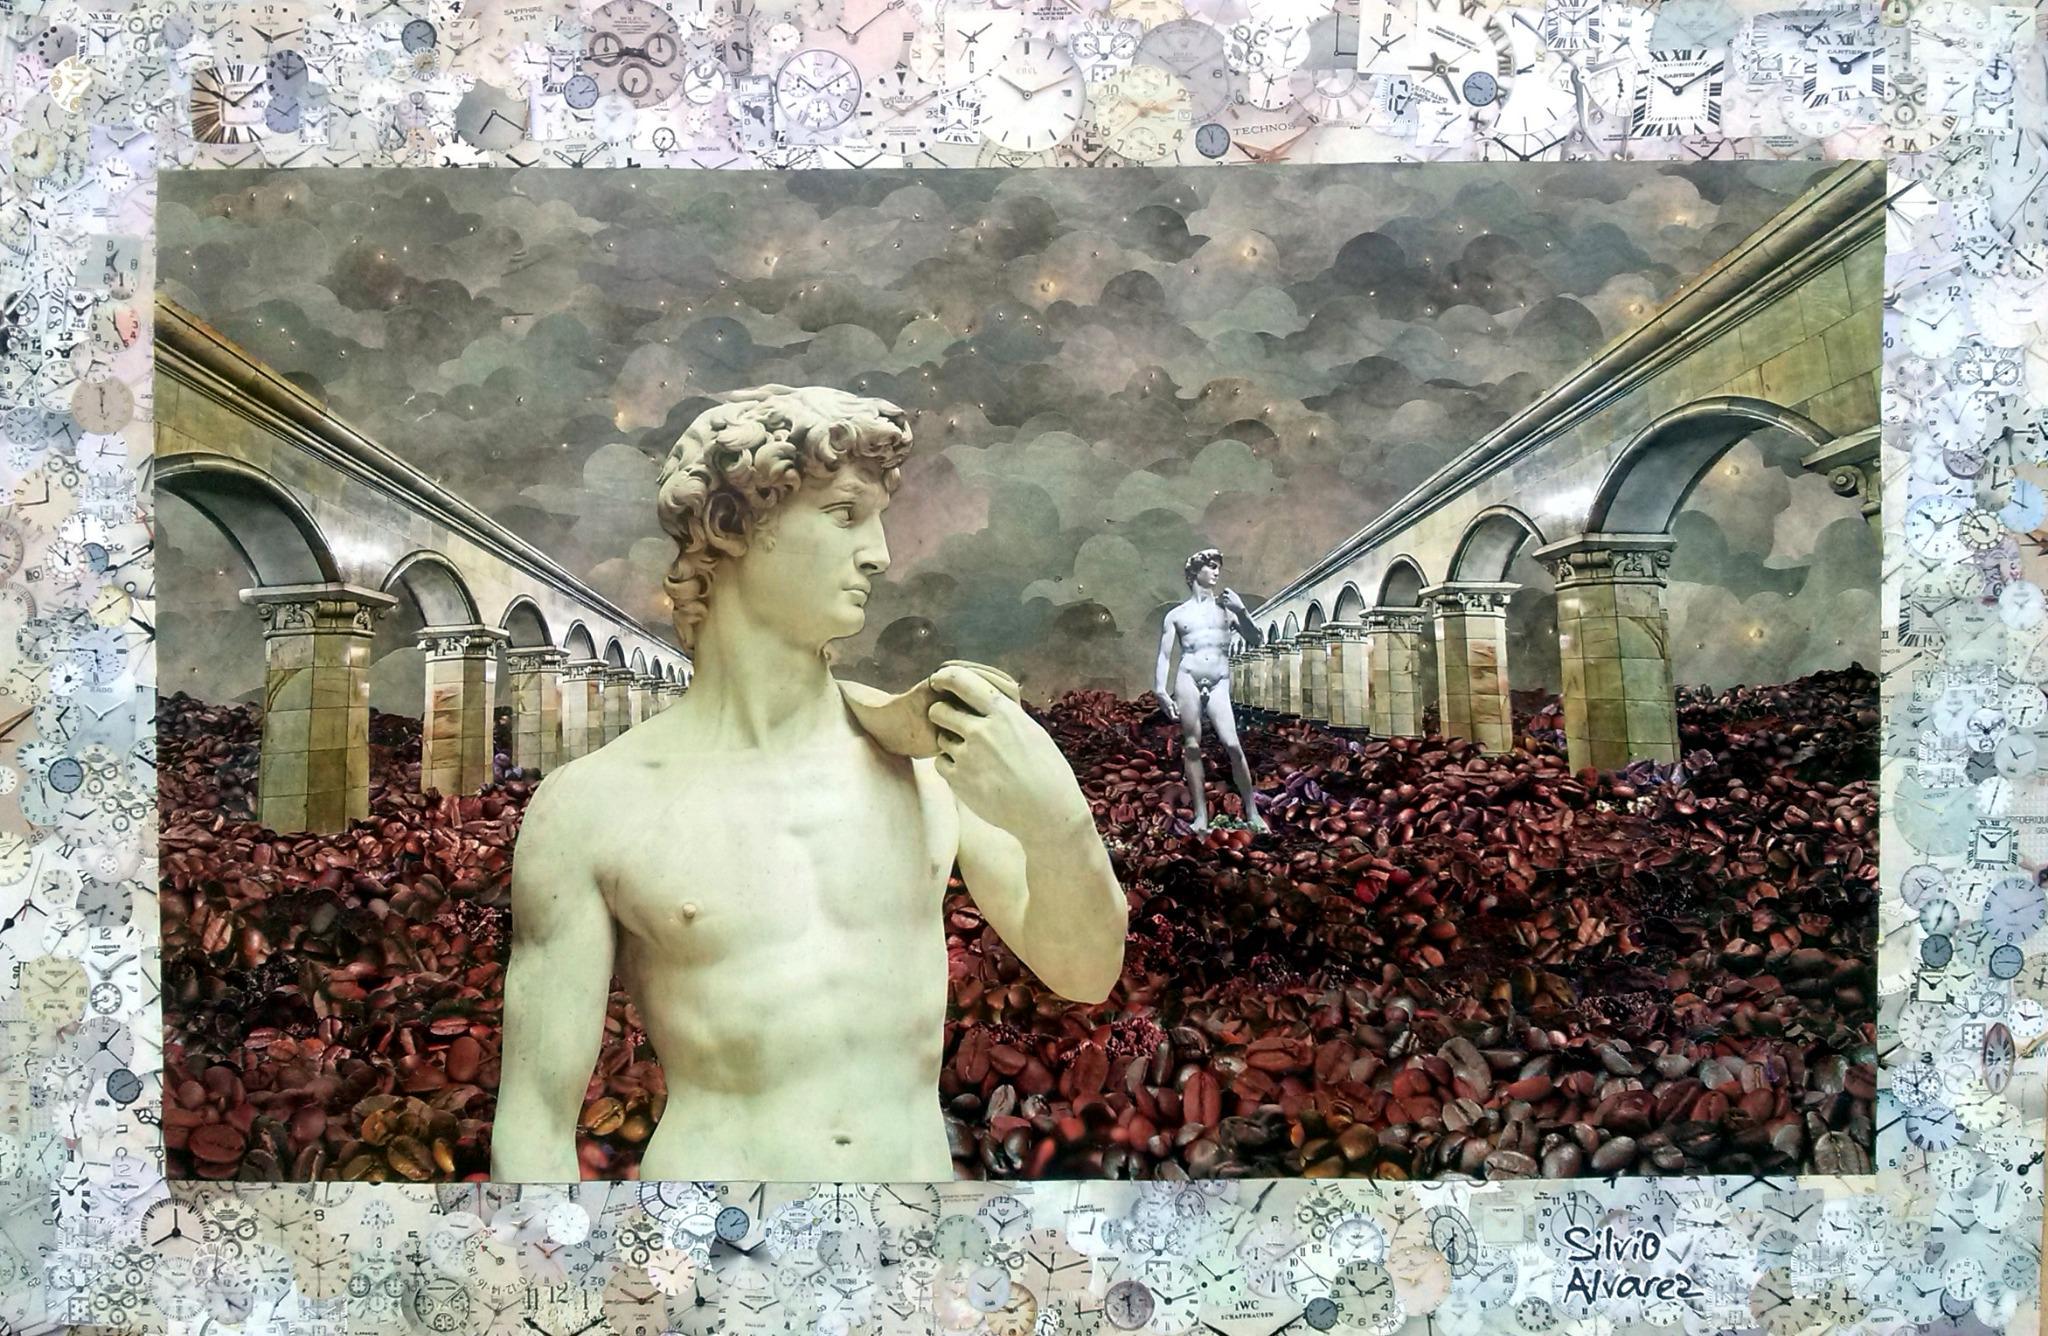 Encerrando a produção do ano com O Homem e o Tempo - collage sobre MDF - 2014 #collage #colagem #art http://t.co/oPADYG87Wx